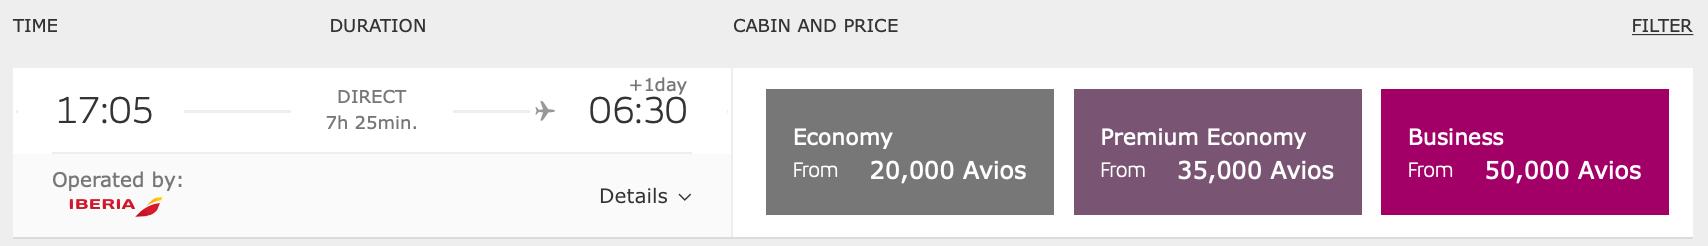 JFK MAD On-Peak Iberia Pricing